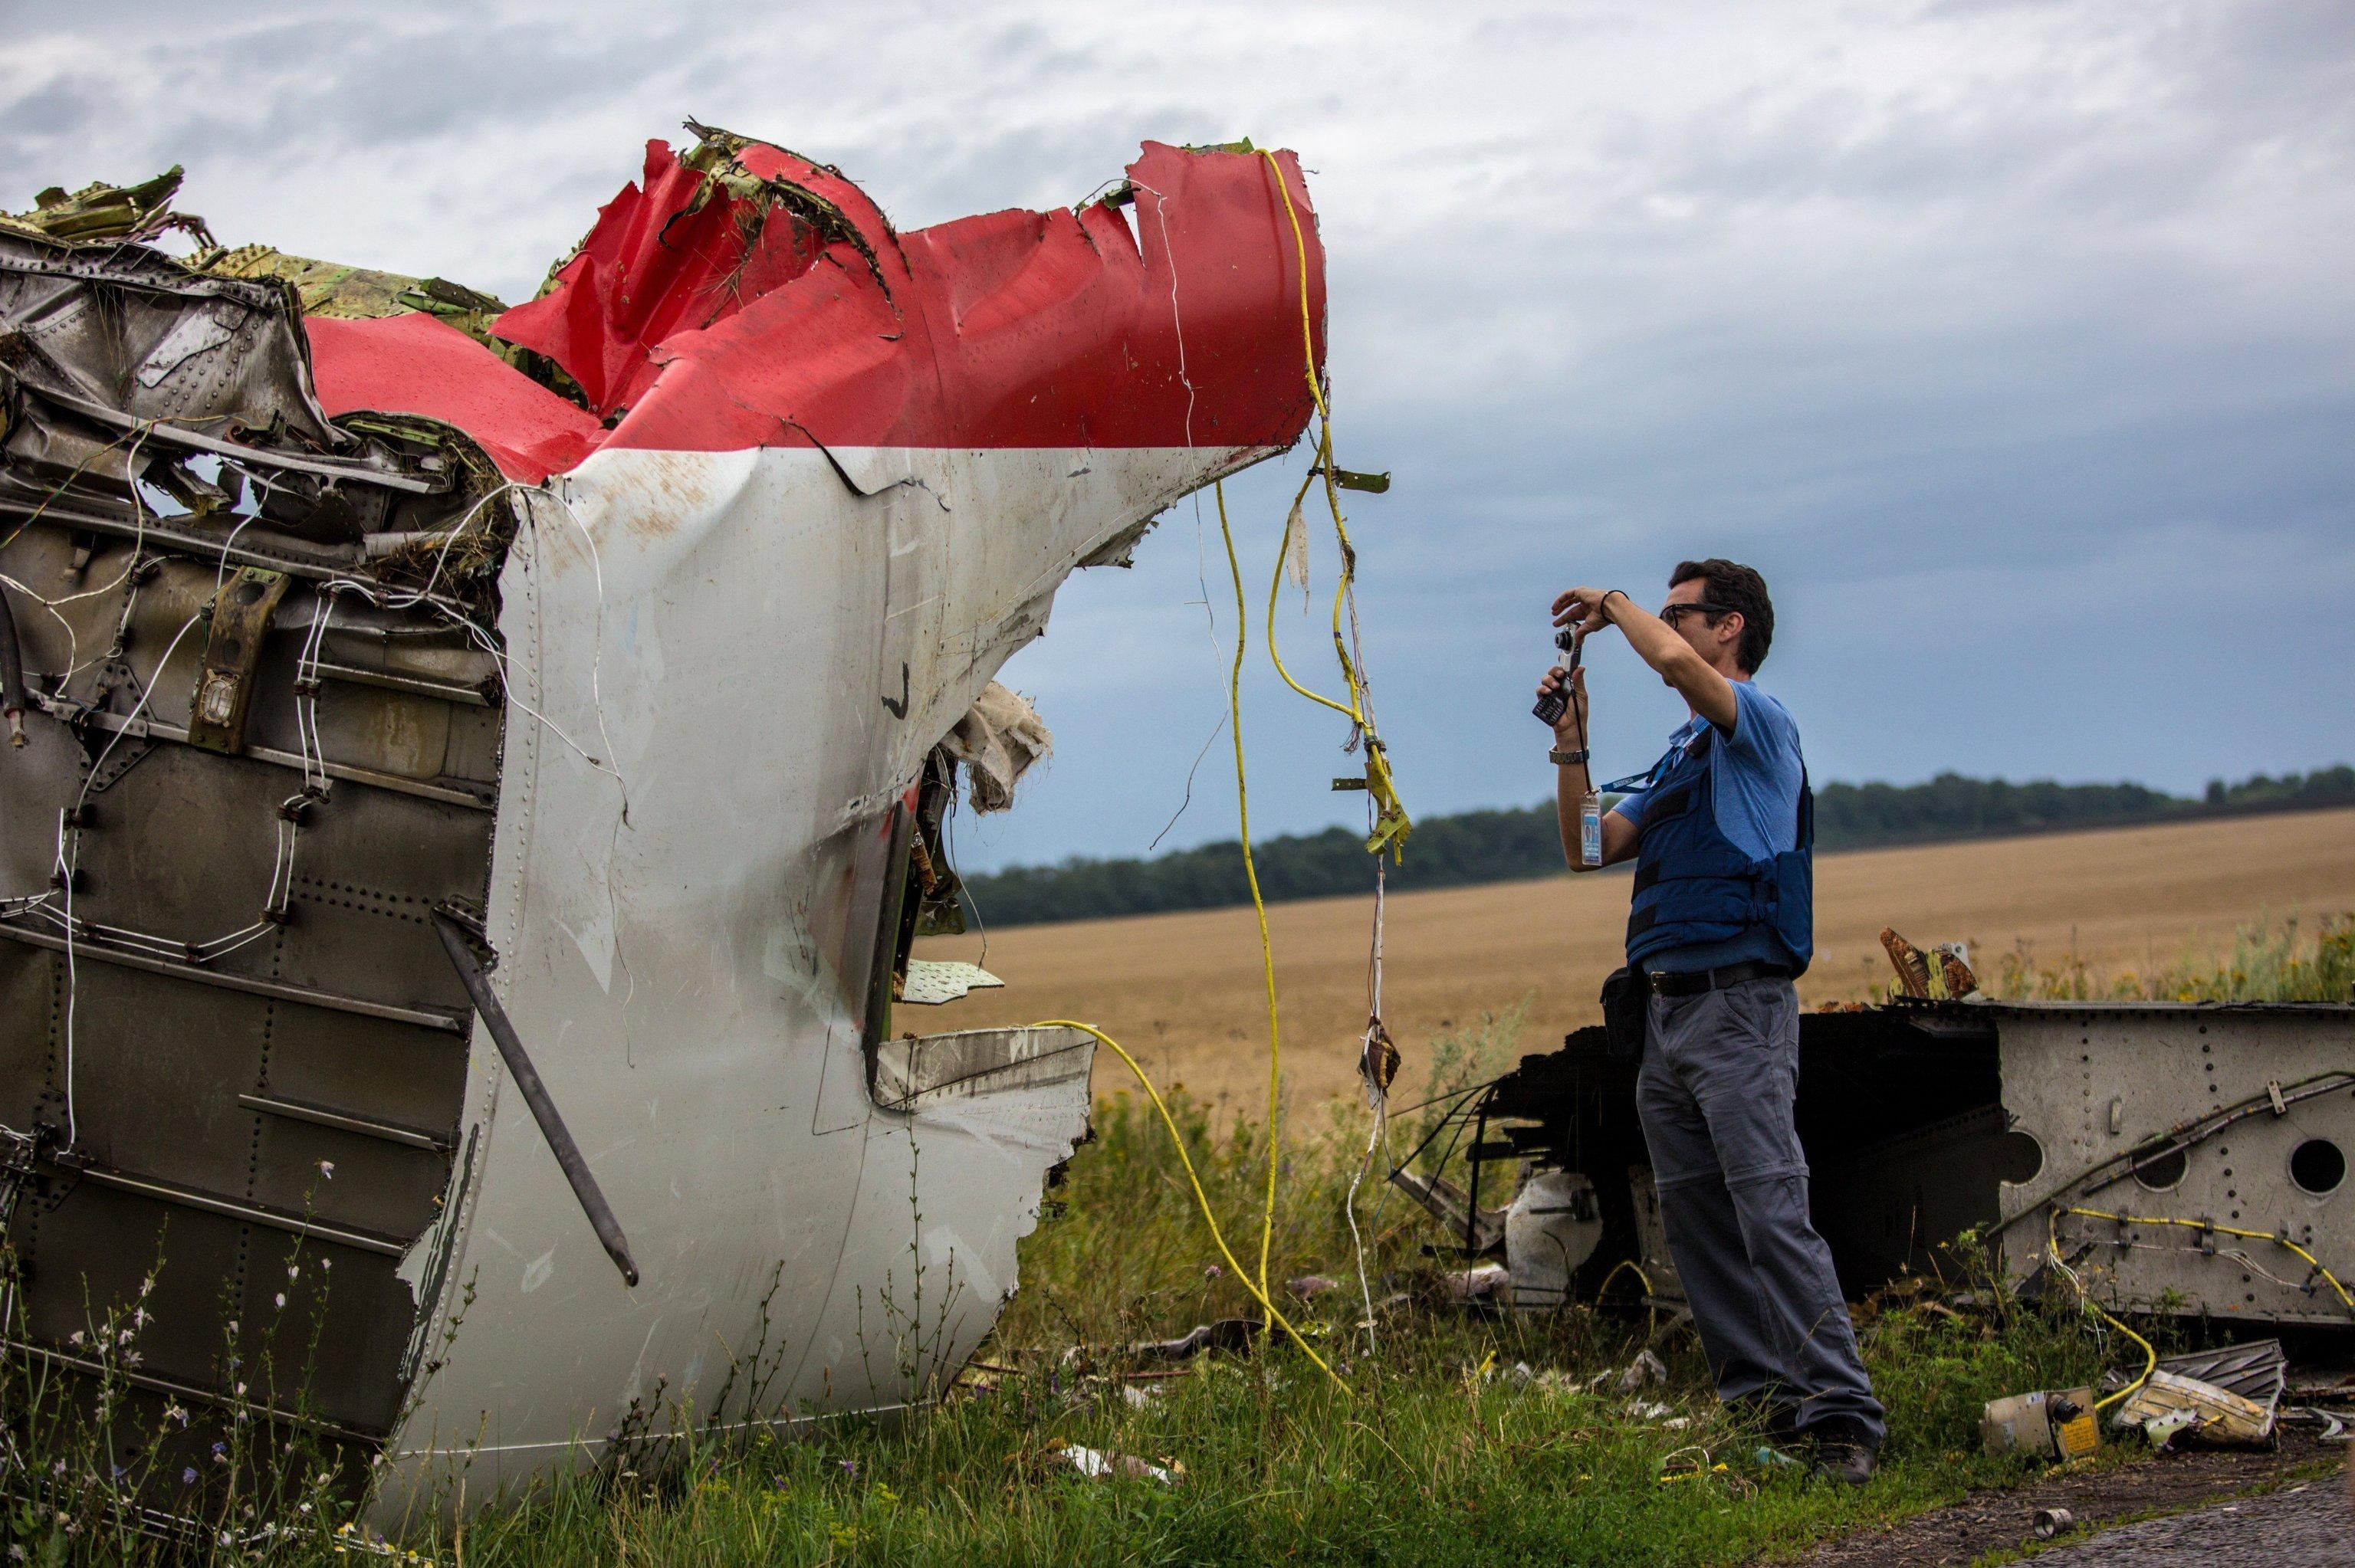 Конспирологические версии BBC: кто сбил борт МН17?